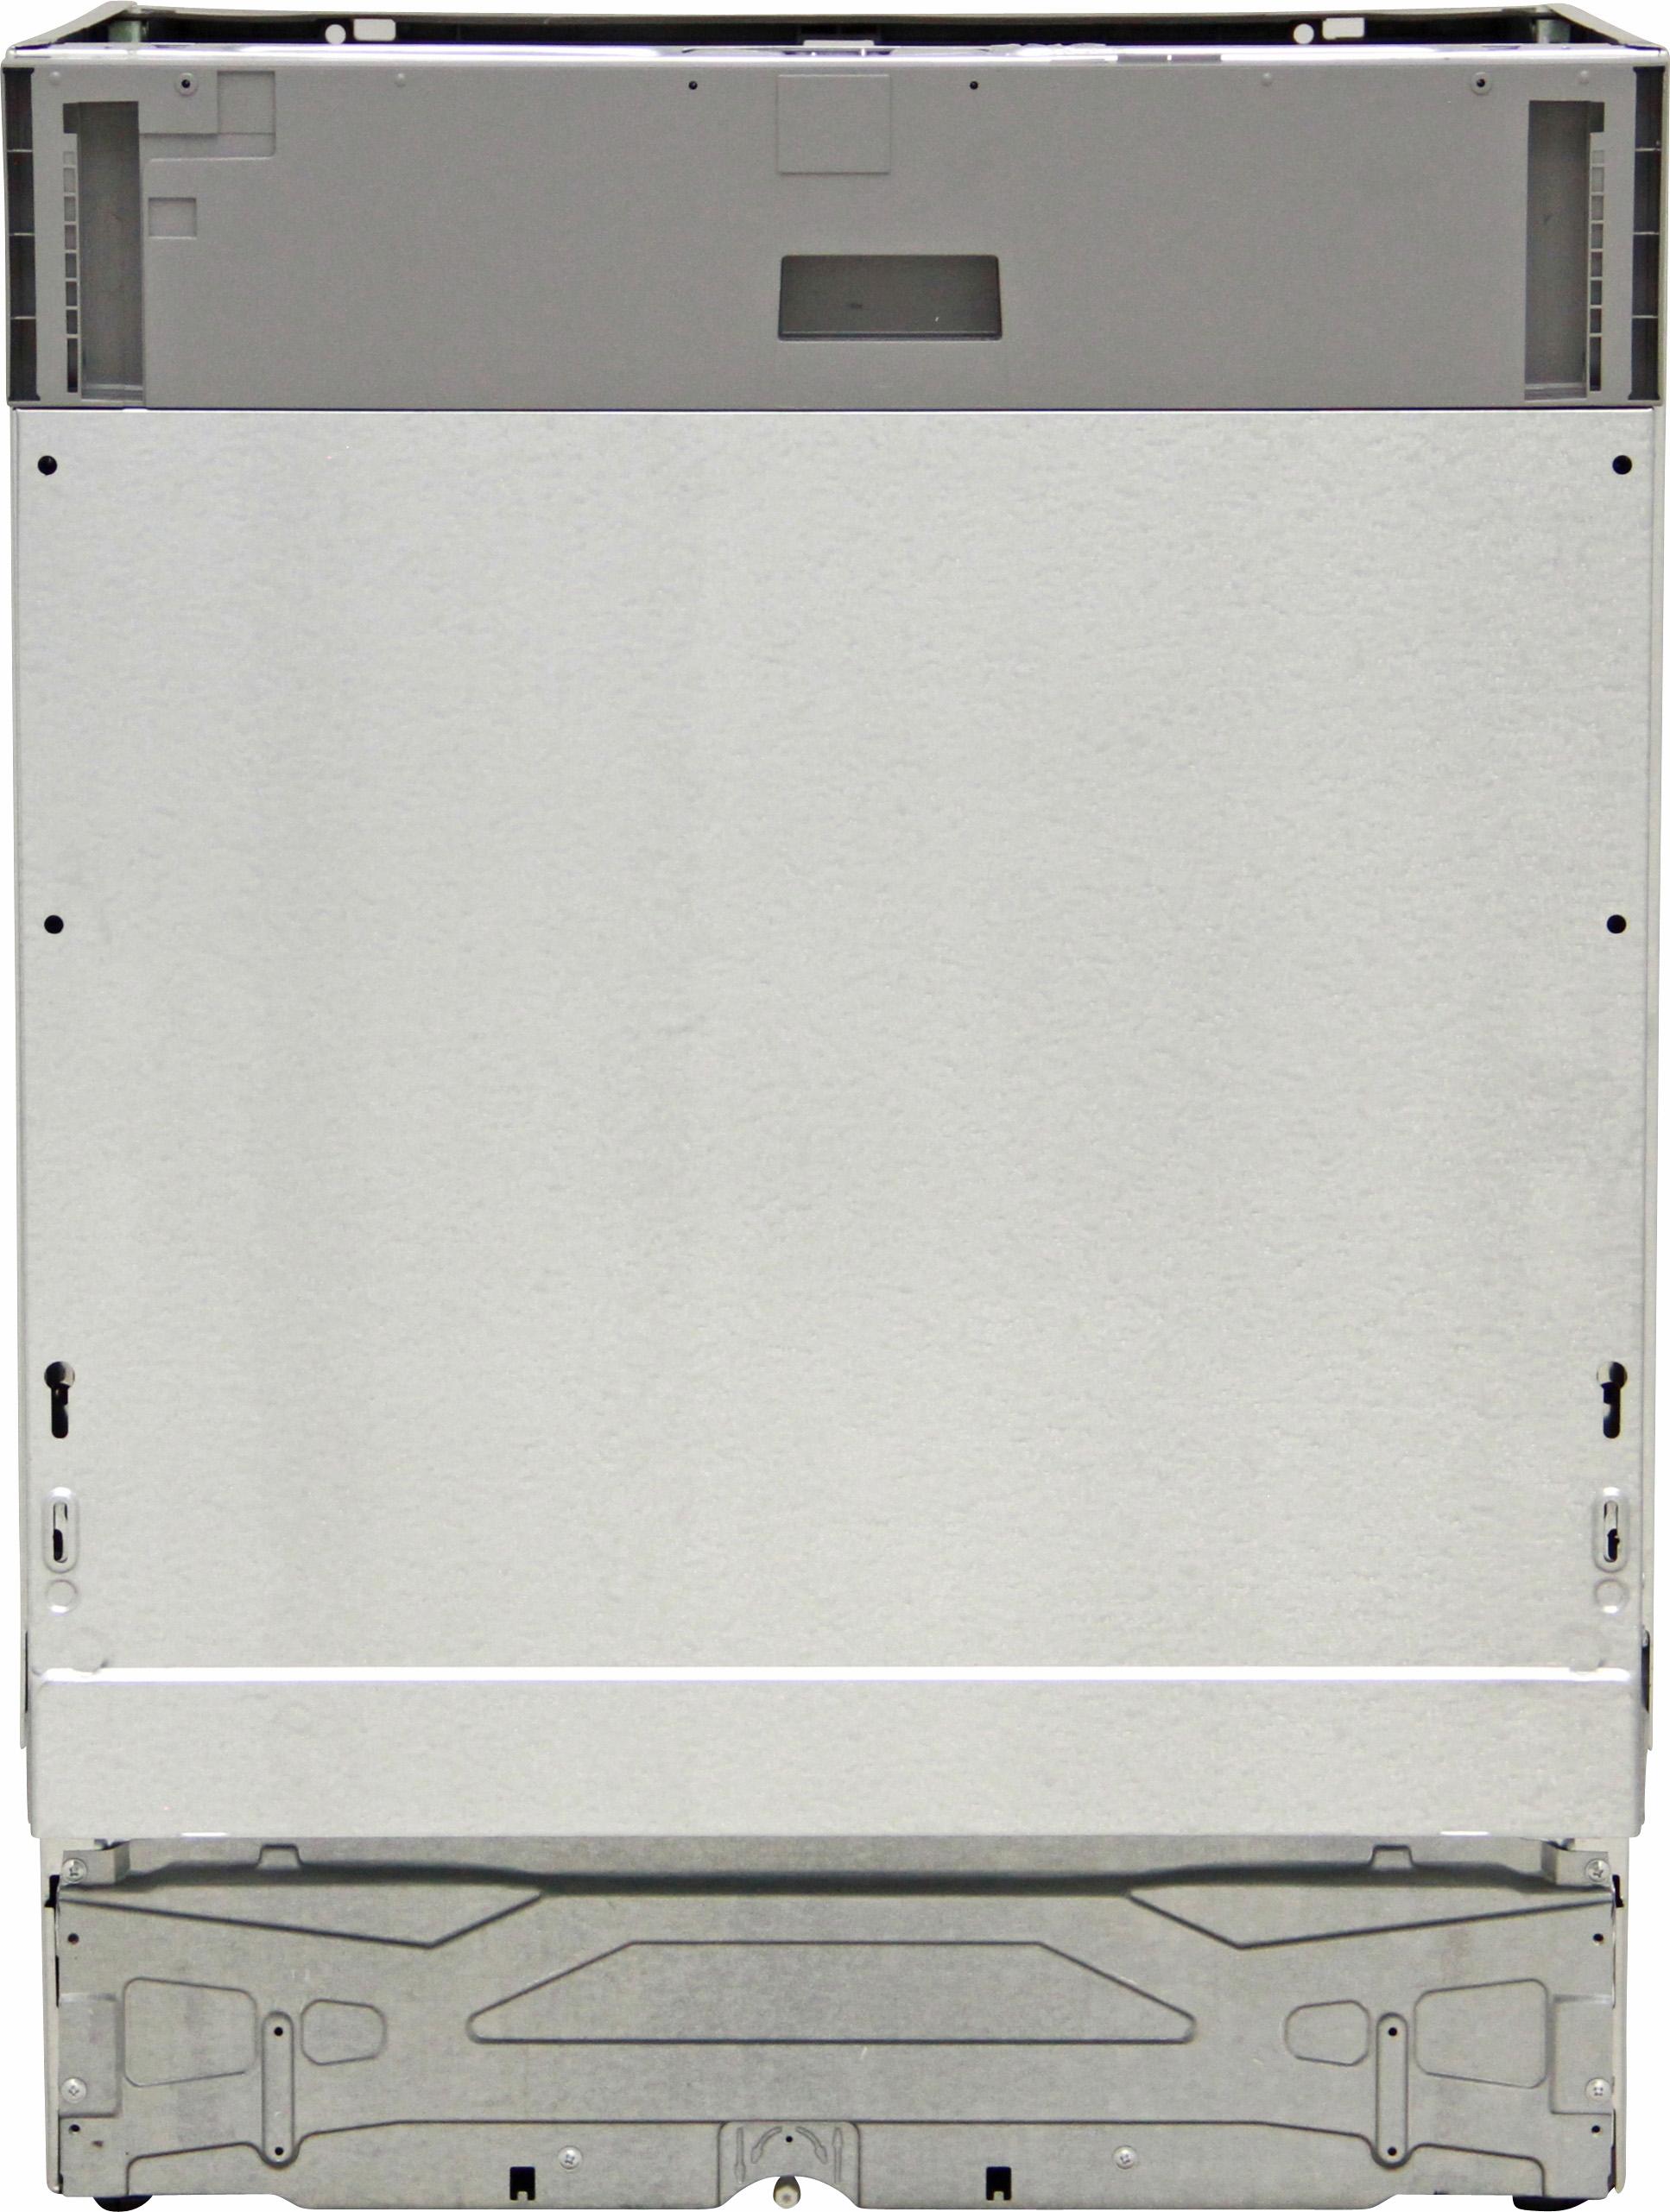 Lavastoviglie Electrolux Tt803r3 | Bicchieri Opachi Dopo Lavaggio ...